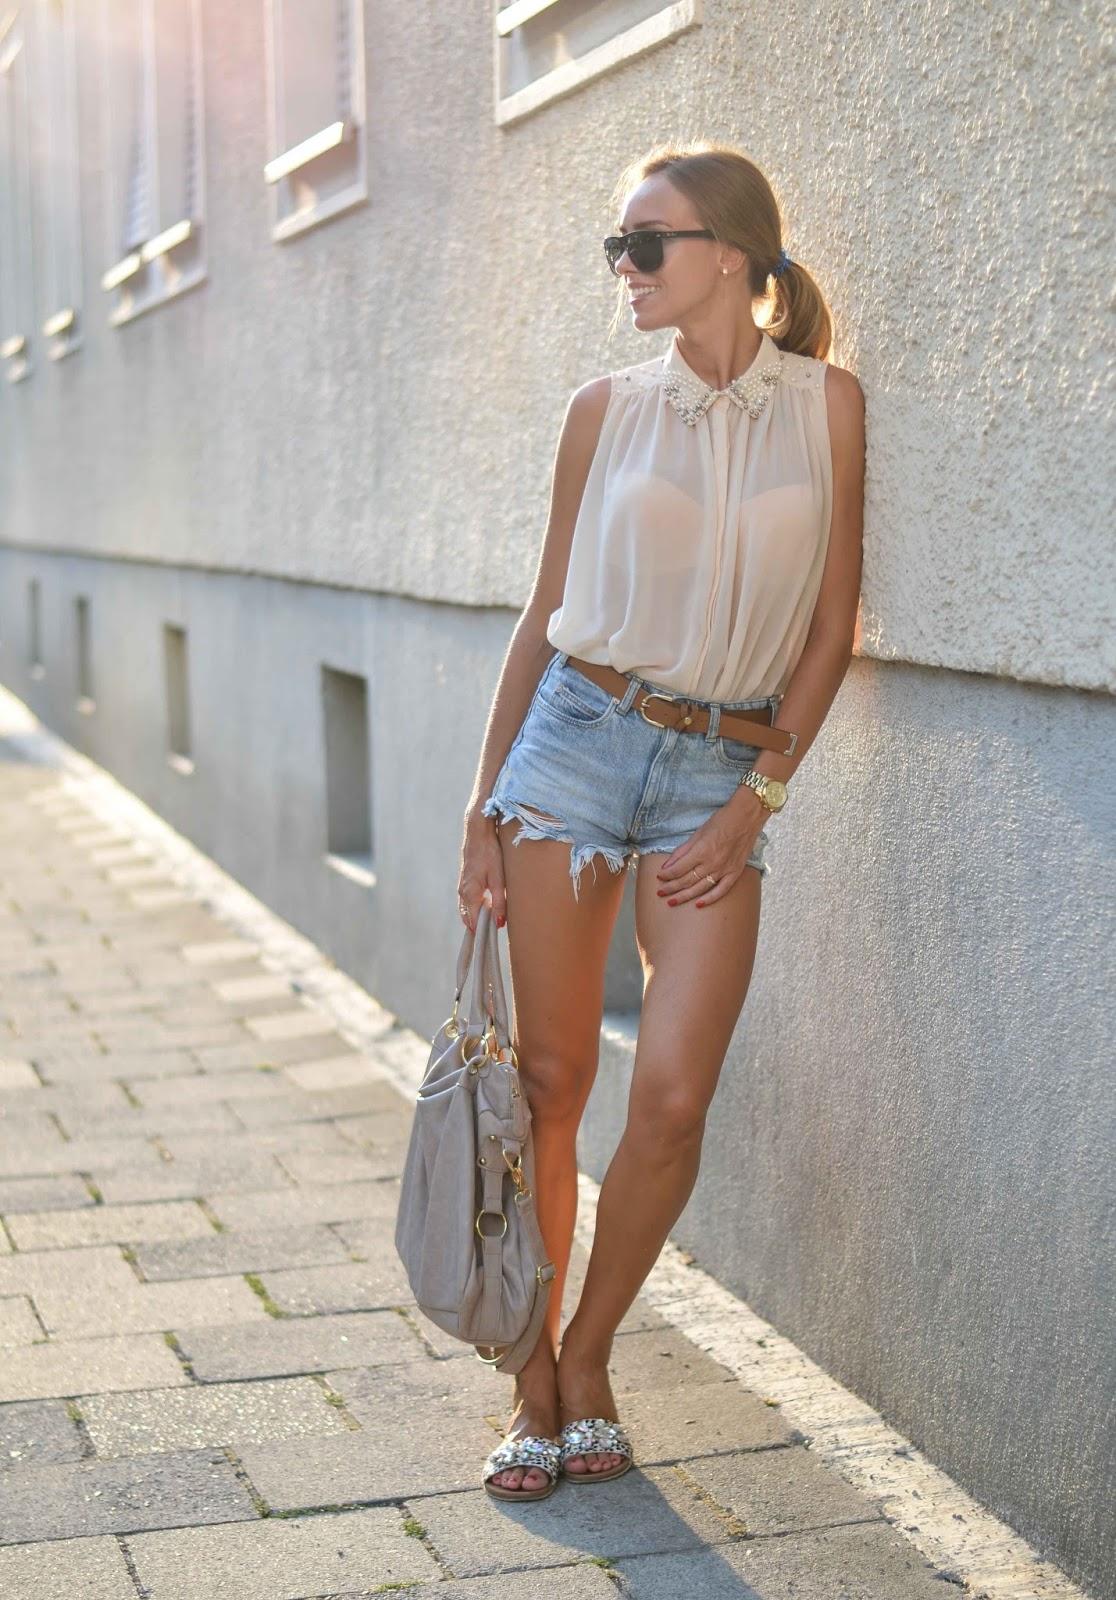 kristjaana mere denim shorts sleeveless sheer top summer outfit